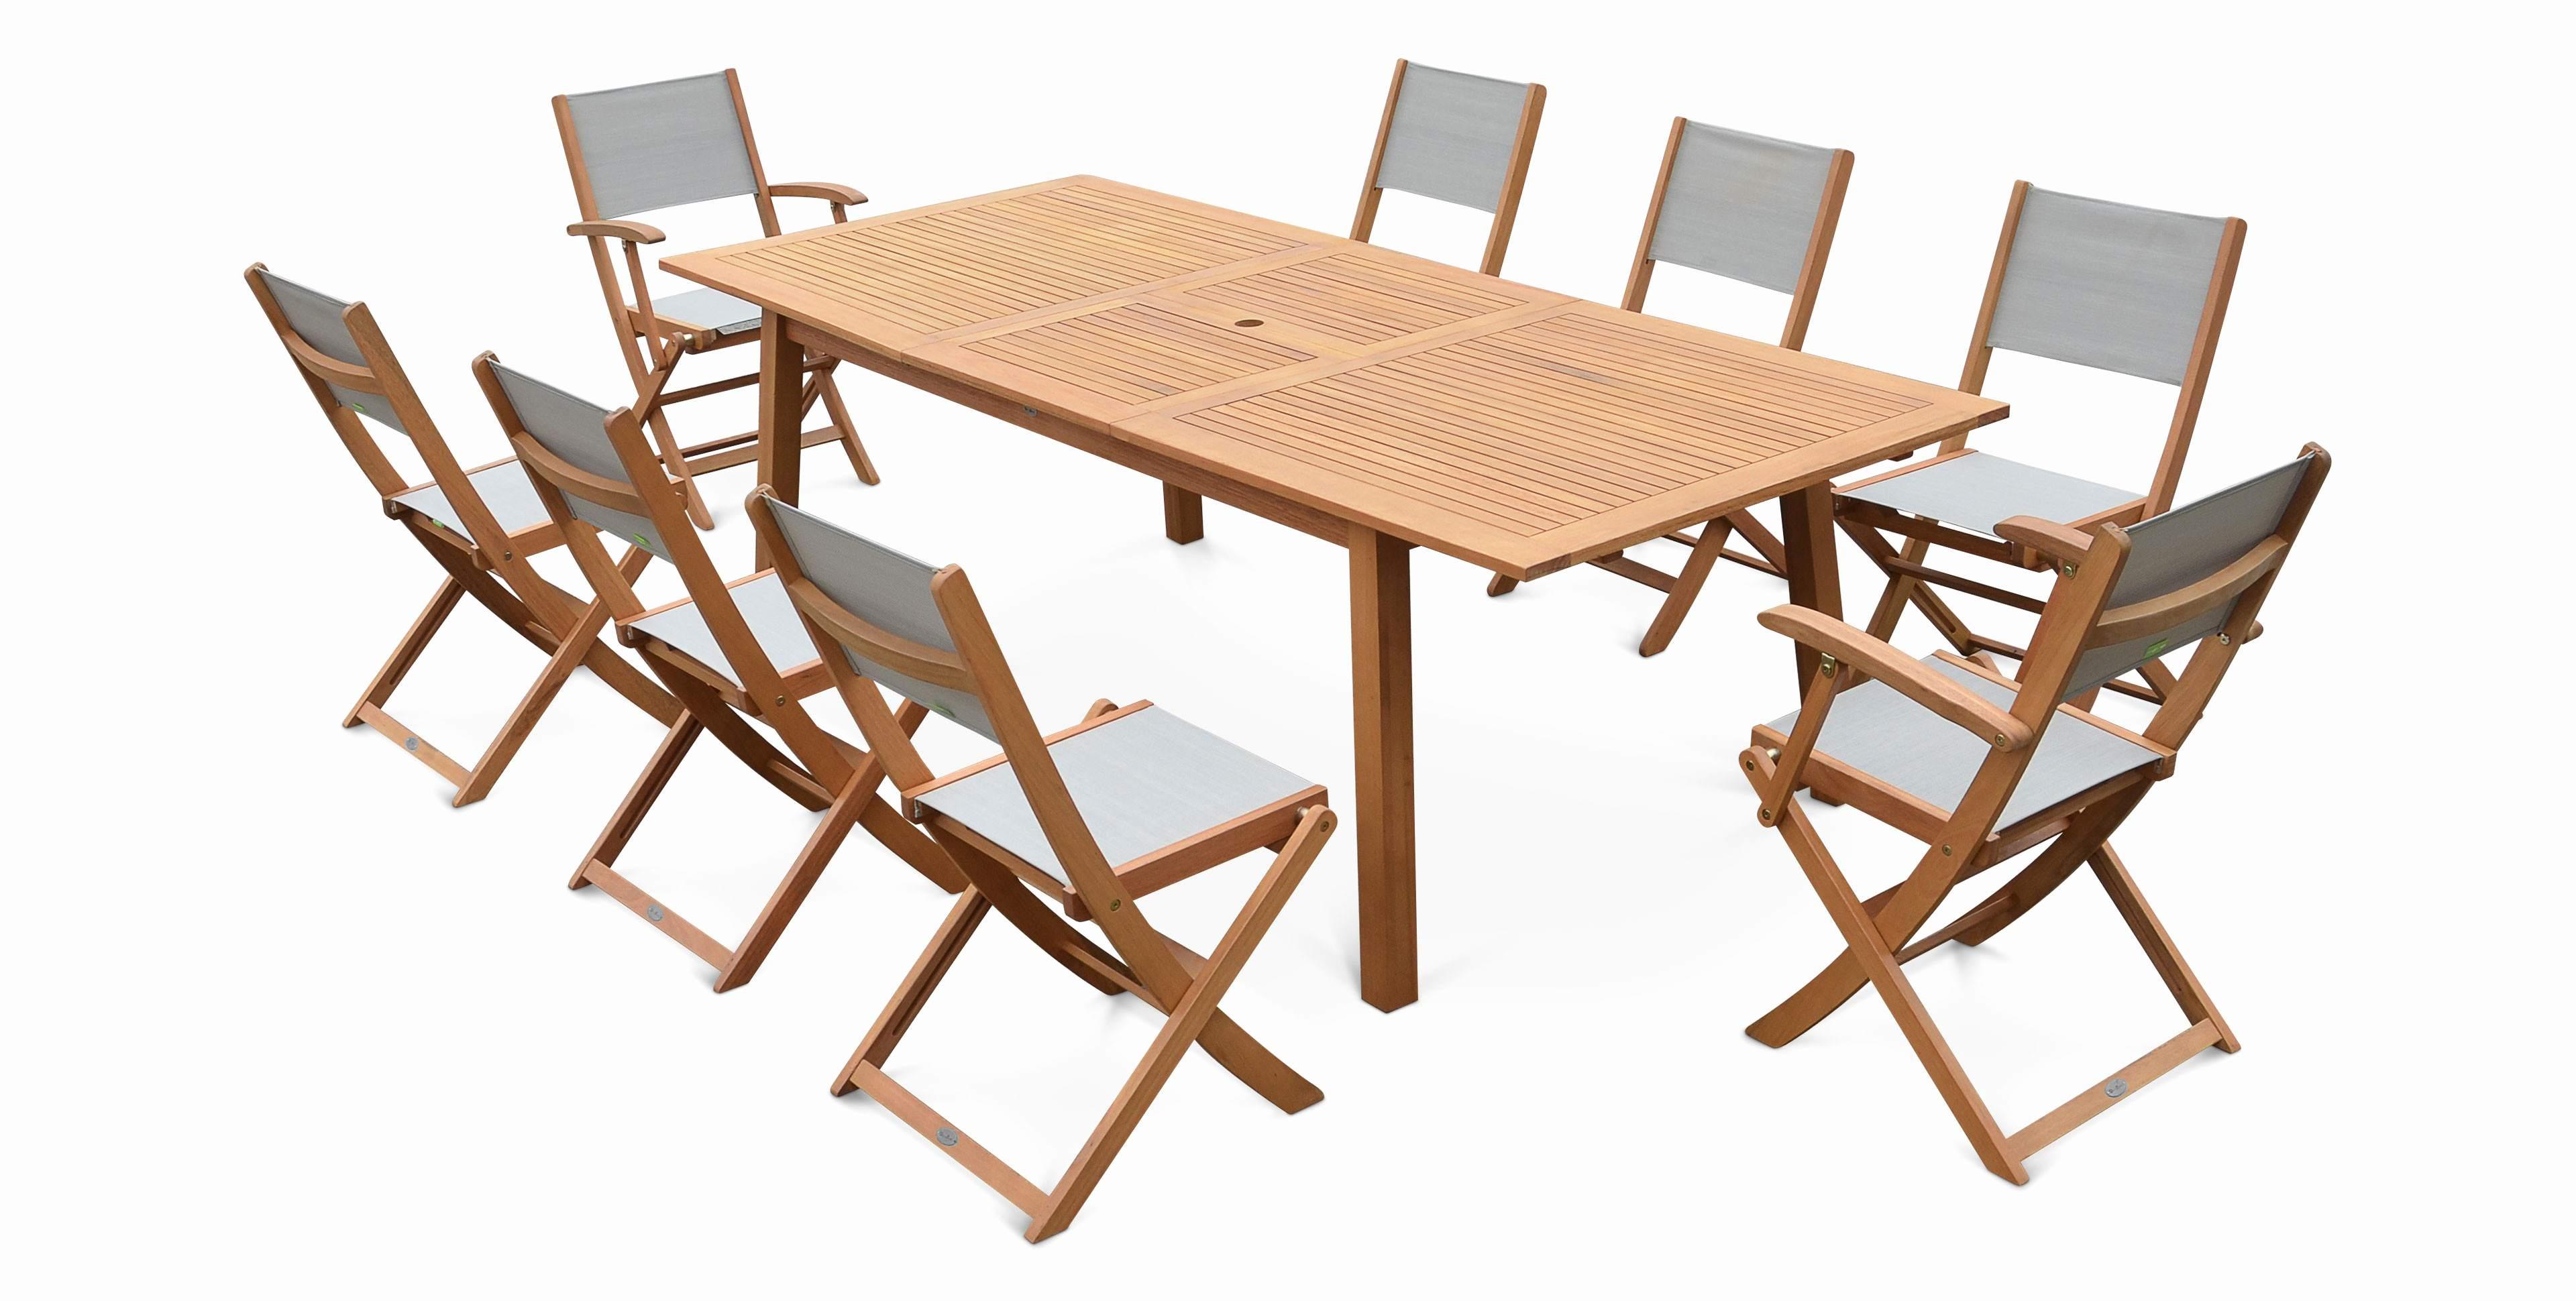 Table De Ping Pong Leclerc Meilleur De Photos Table De Jardin Bois Impressionnant Cr¨me Extérieur Pointe De